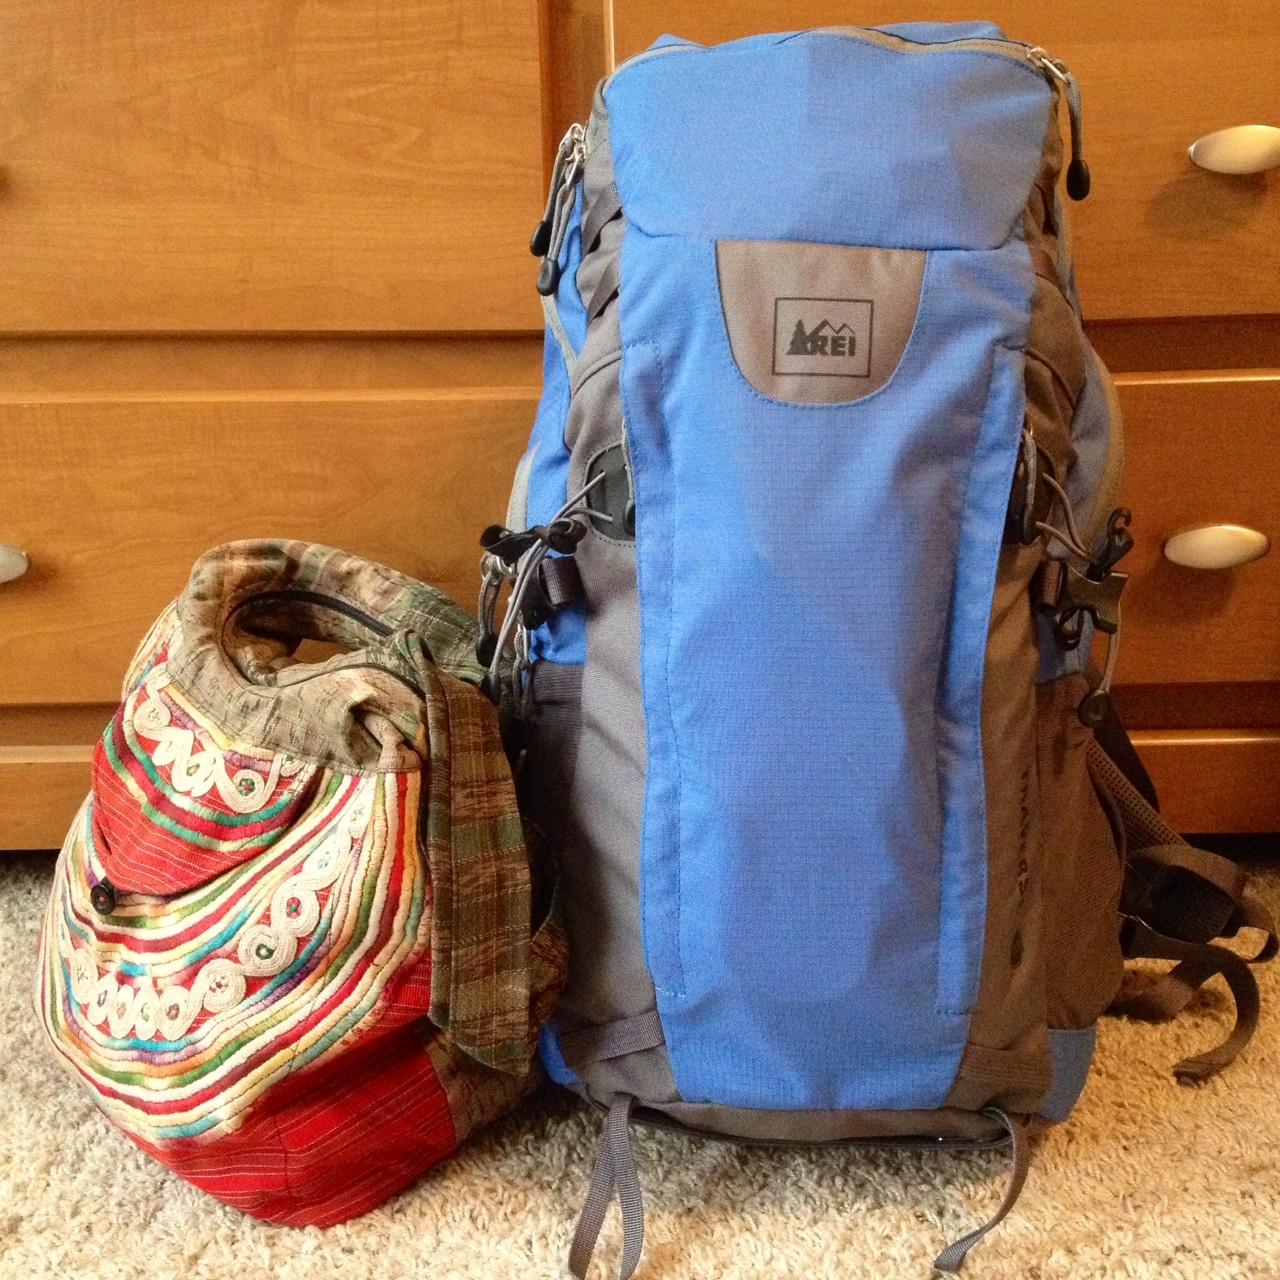 backpack packed full